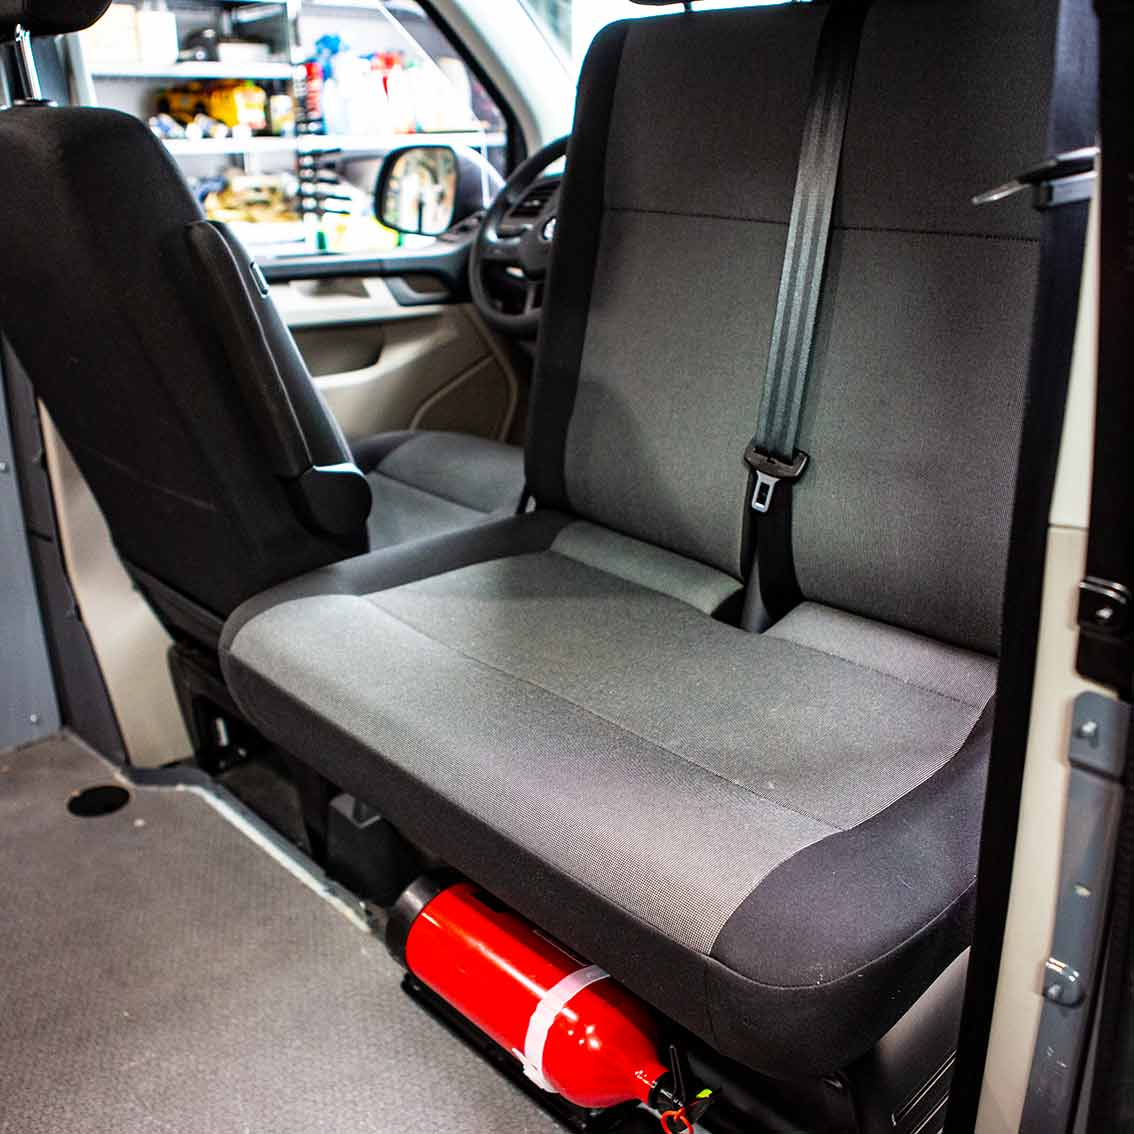 Doppelsitzbank auf Drehsitzkonsole - perfekte Ausnutzung des Platzes im Campingbus